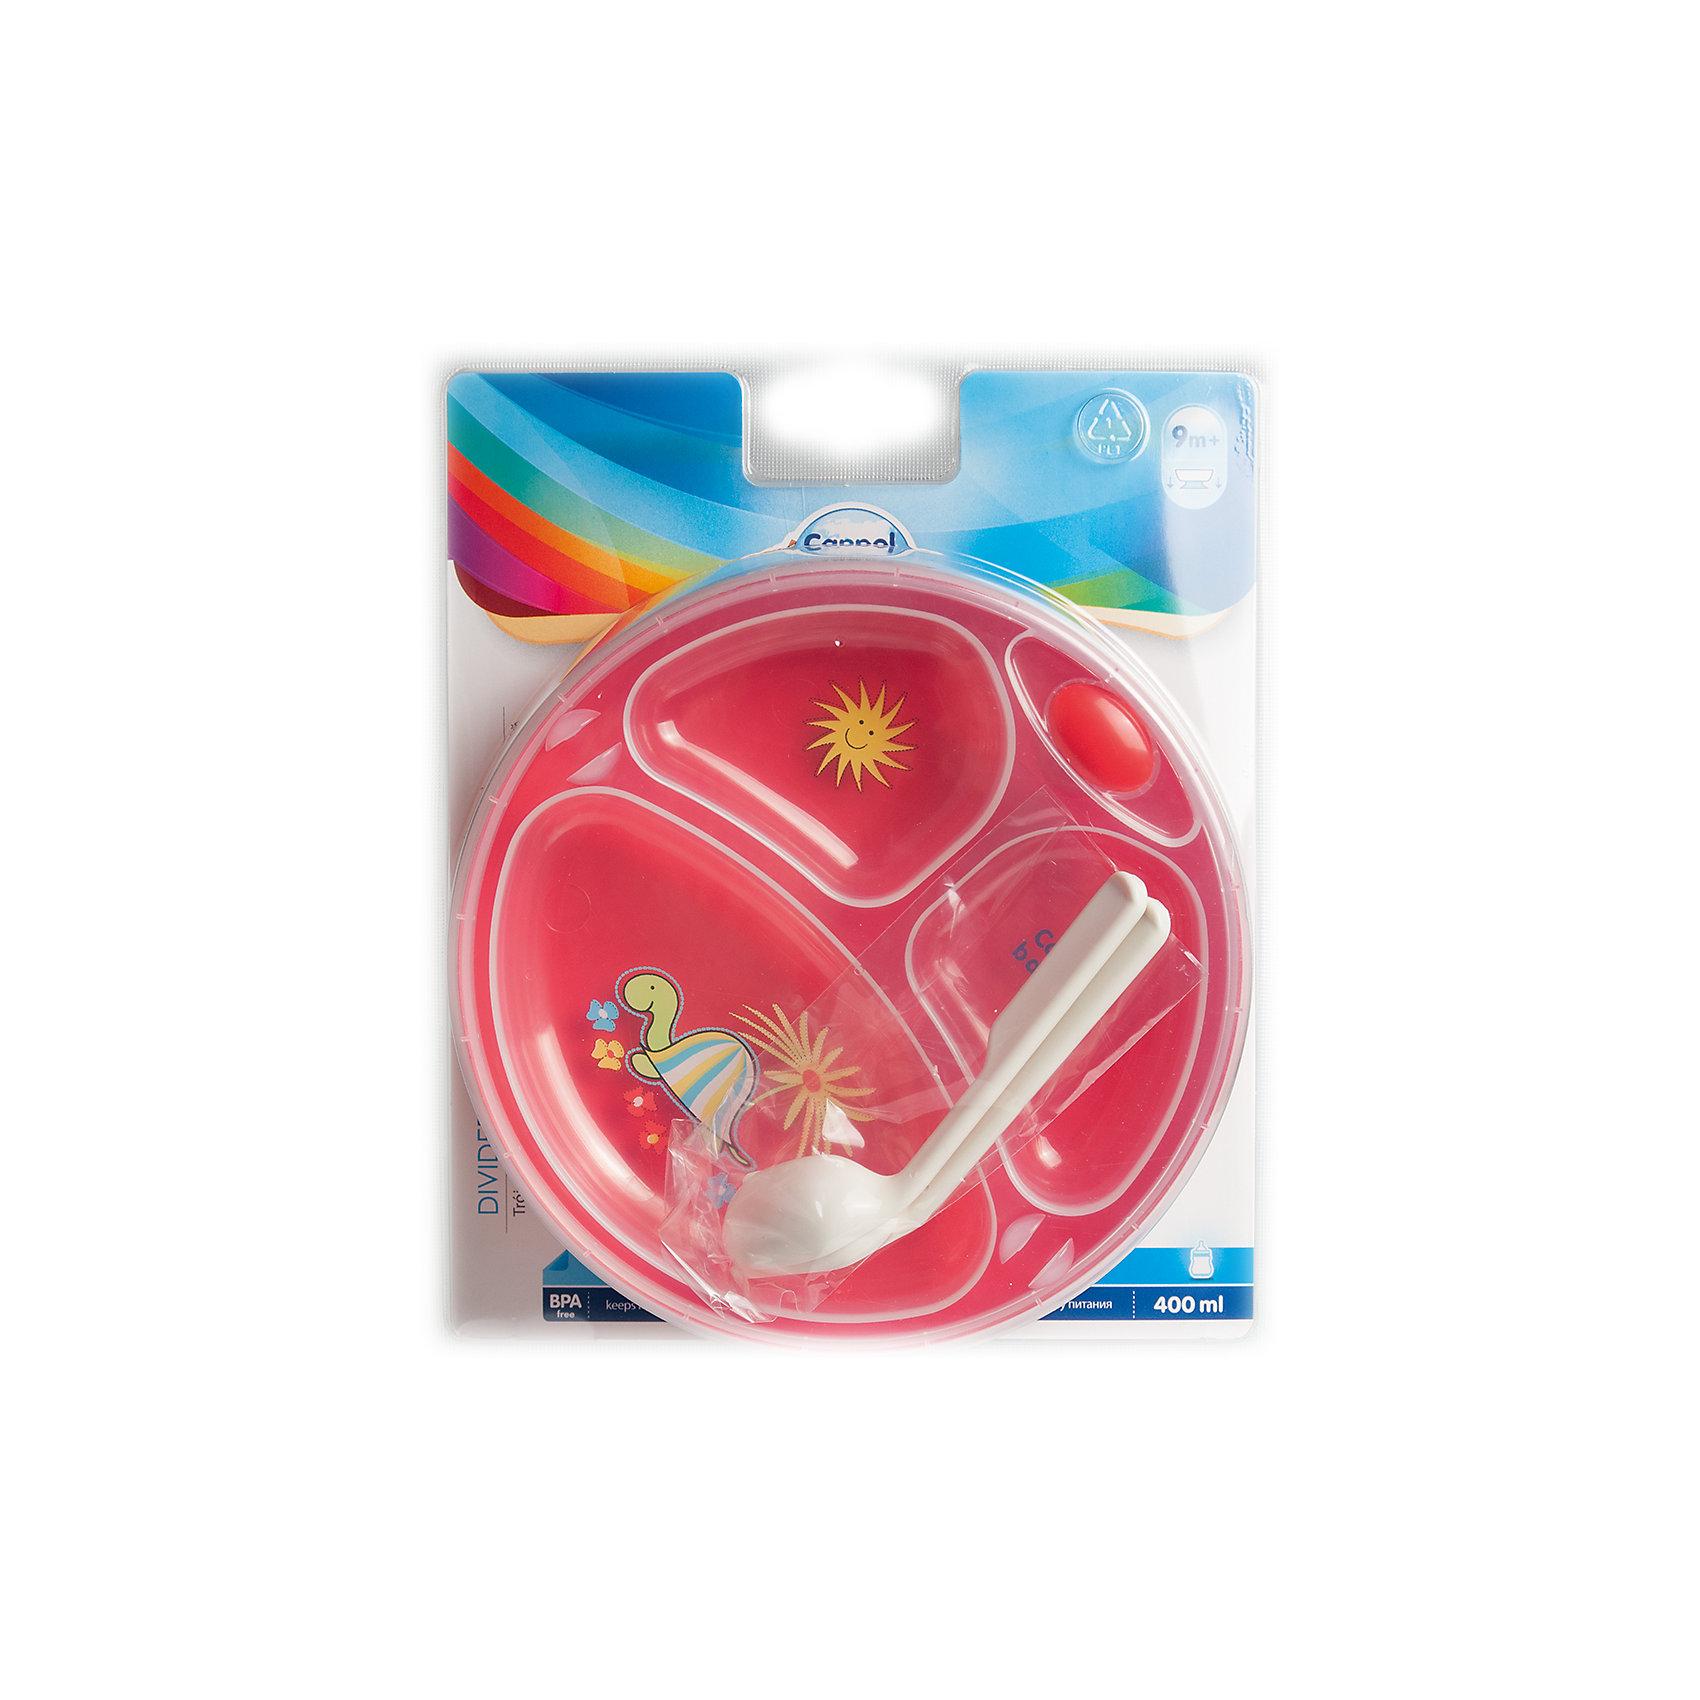 Термотарелка с ложкой и вилкой Colourful animals, 9+, Canpol Babies, красныйТермотарелка с ложкой и вилкой Colourful animals, 9+, Canpol Babies (Канпол беби), красный.<br><br>Характеристики:<br>• есть три отсека для еды<br>• антискользящее дно<br>• ложка и вилка в комплекте<br>• материалы безопасны для ребенка<br>• размер: 20х20х10<br>• вес: 200 грамм<br>• цвет: красный<br>• материал: полипропилен <br>• объем: 120 мл<br><br>Термотарелка Colourful animals сохранит еду для малыша теплой в течение длительного времени. Специальный замочек плотно закрывает резервуар для теплой воды. Тарелка имеет три отсека, что очень удобно при подаче нескольких блюд, которые не желательно смешивать. В комплект входят ложка и вилка с удобной ручкой. Тарелка имеет антискользящее дно, благодаря которому малыш не сможет опрокинуть посуду. Интересный рисунок на дне стимулирует интерес к пище. С этой тарелкой кроха будет есть с удовольствием!<br><br>Термотарелка с ложкой и вилкой Colourful animals, 9+, Canpol Babies (Канпол беби), красный вы можете купить в нашем интернет-магазине.<br><br>Ширина мм: 220<br>Глубина мм: 65<br>Высота мм: 260<br>Вес г: 1900<br>Возраст от месяцев: 9<br>Возраст до месяцев: 36<br>Пол: Унисекс<br>Возраст: Детский<br>SKU: 5156698